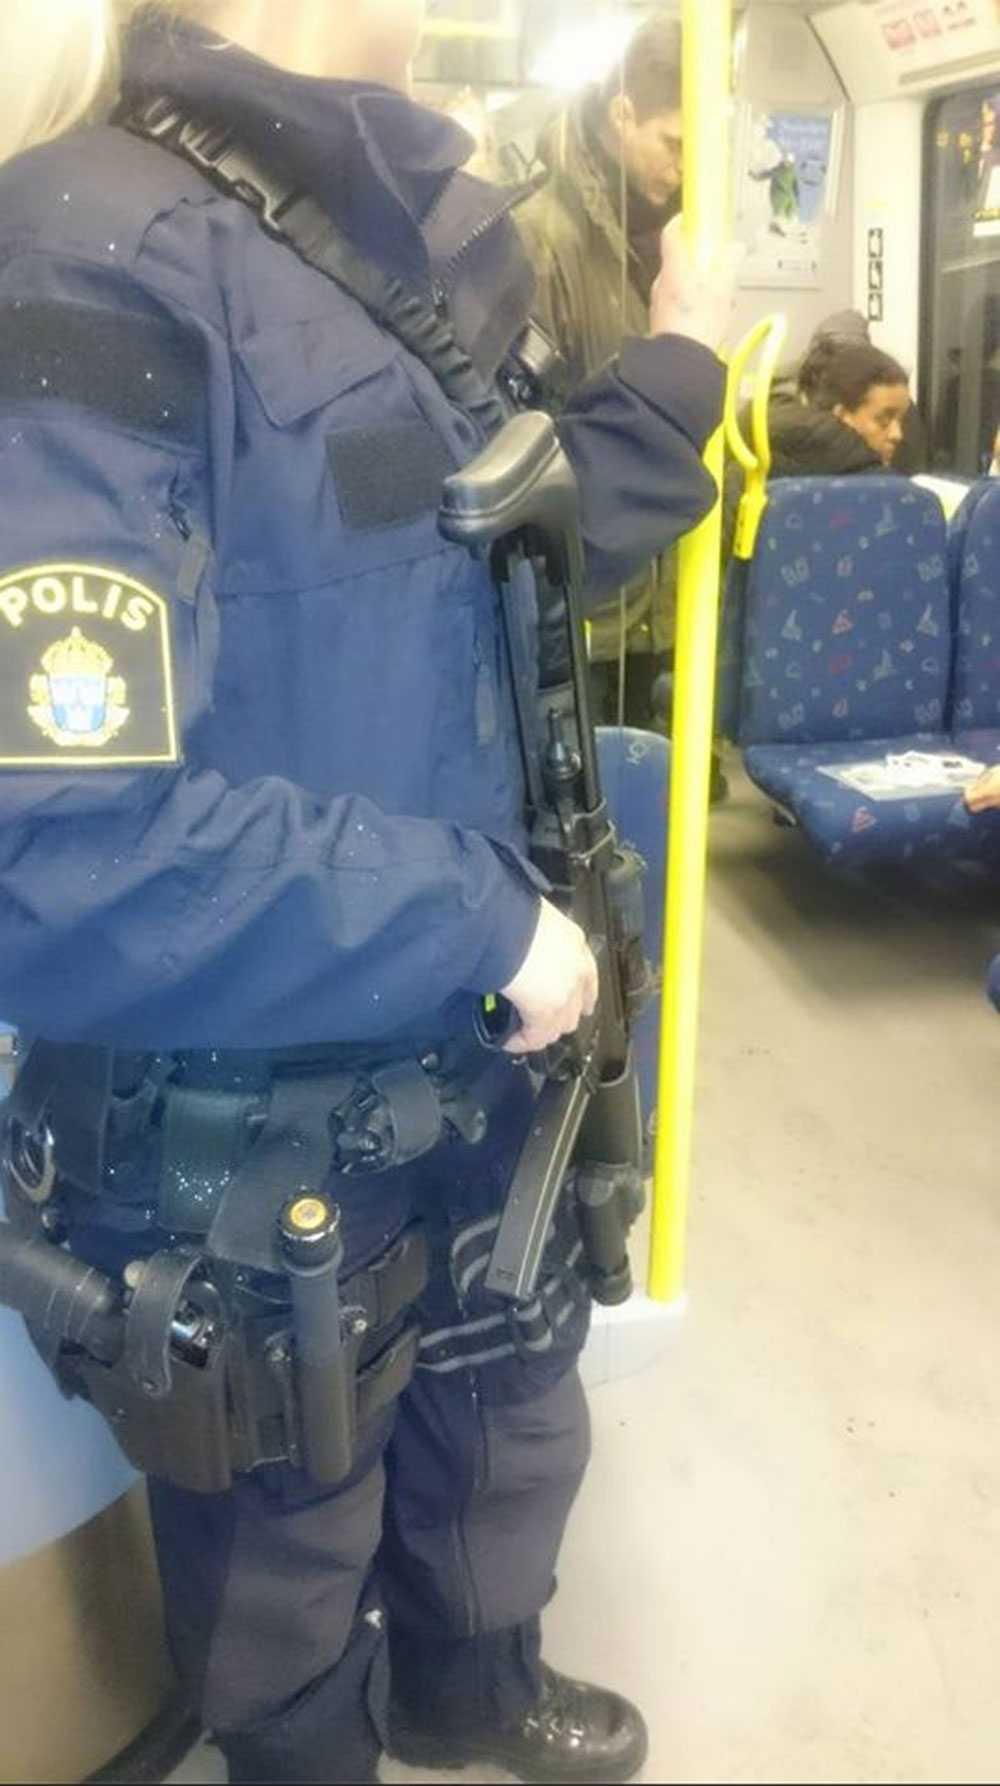 Polis i tunnelbanan med förstärkningsvapen.